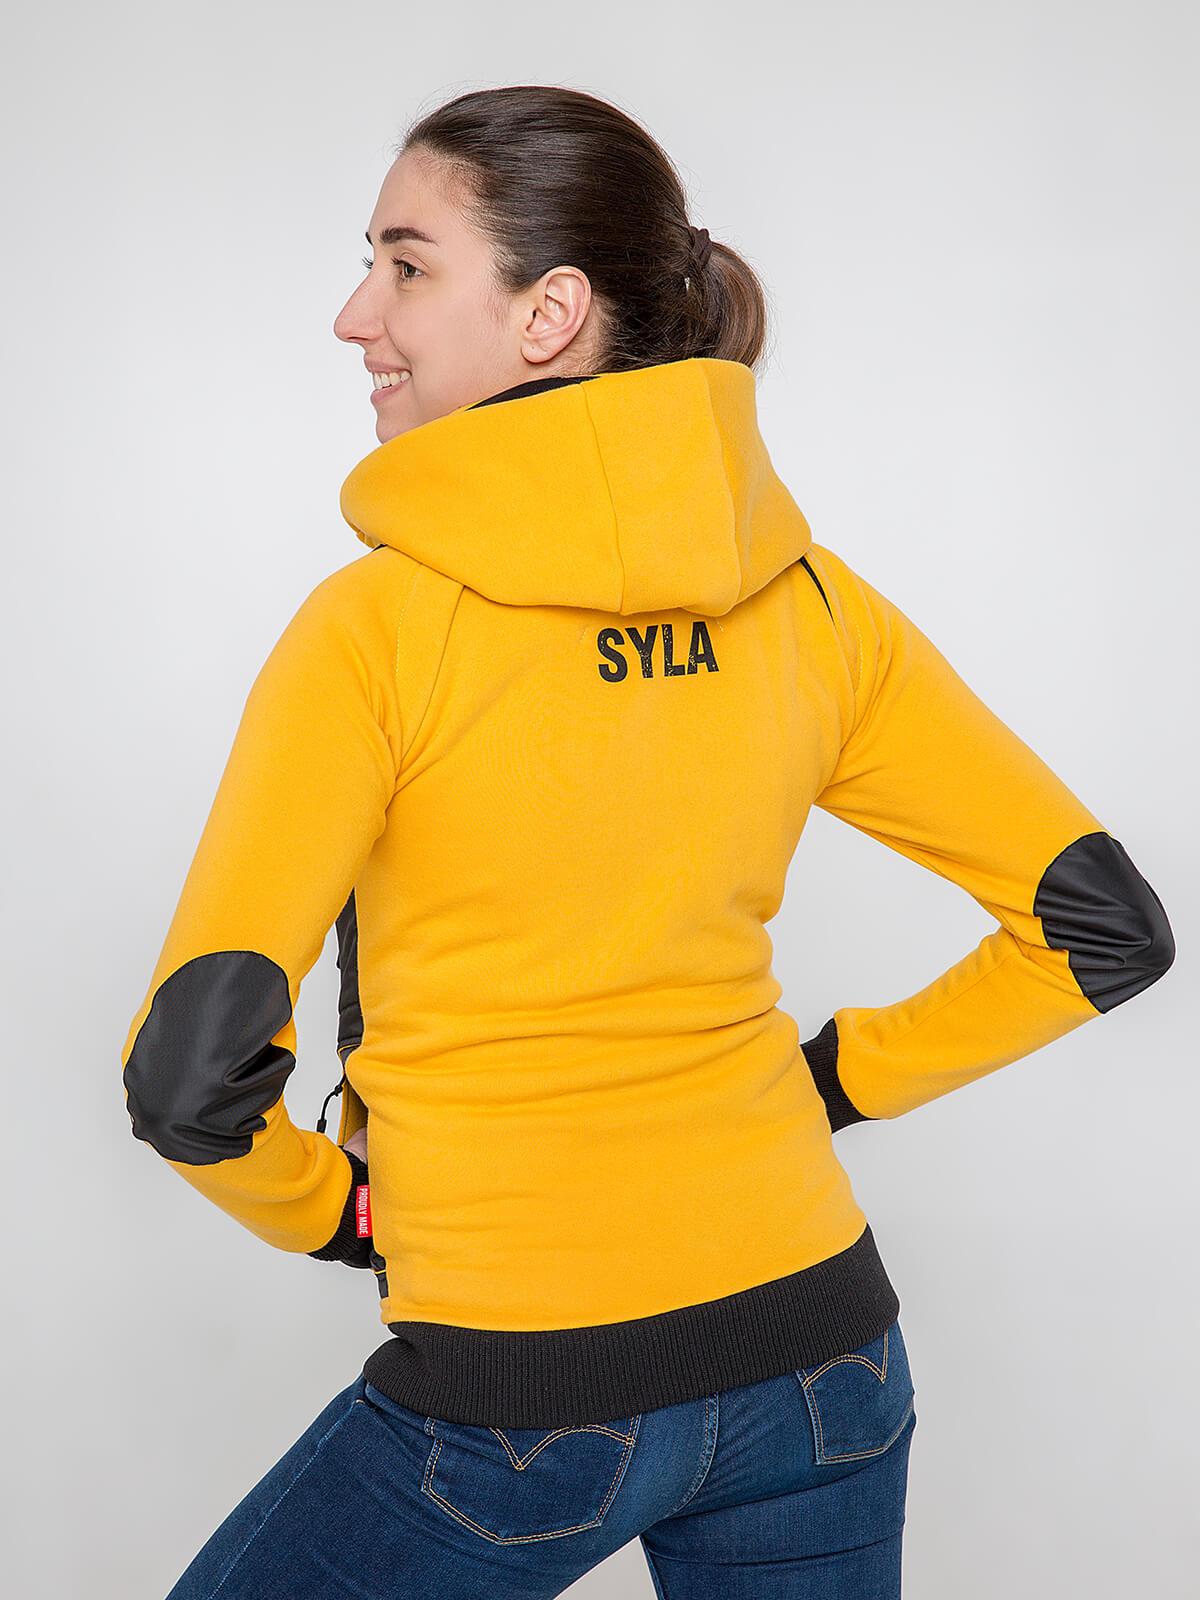 Жіноче Худі Syla. Колір жовтий.  Не варто переживати за універсальний розмір.